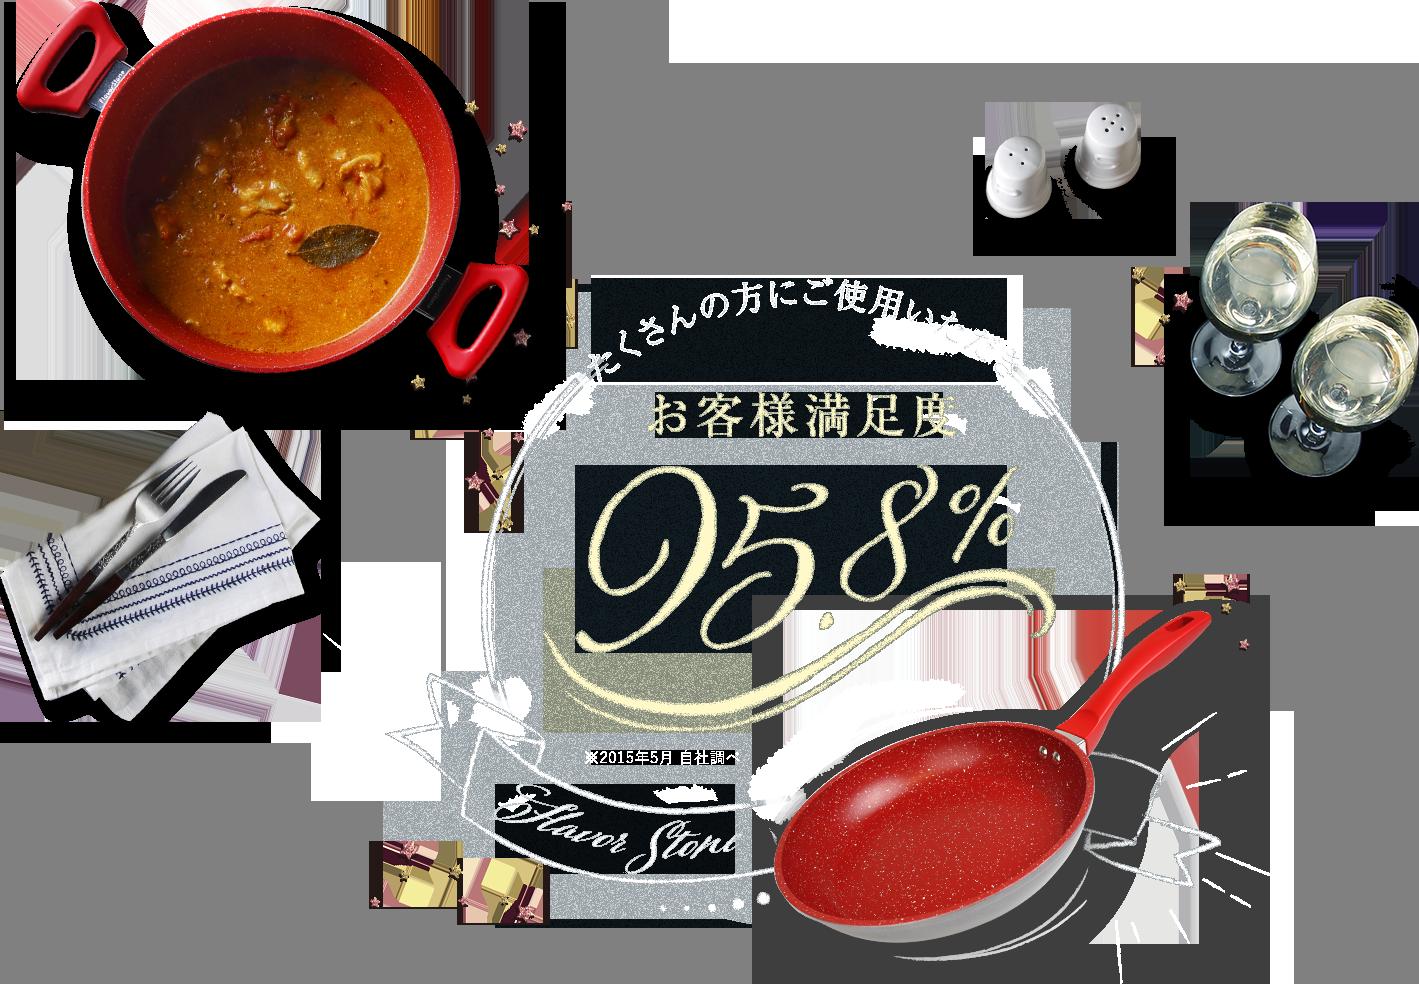 Flavor Stone たくさんの方にご使用いただき お客様満足度 95.8% ※2015年5月 自社調べ